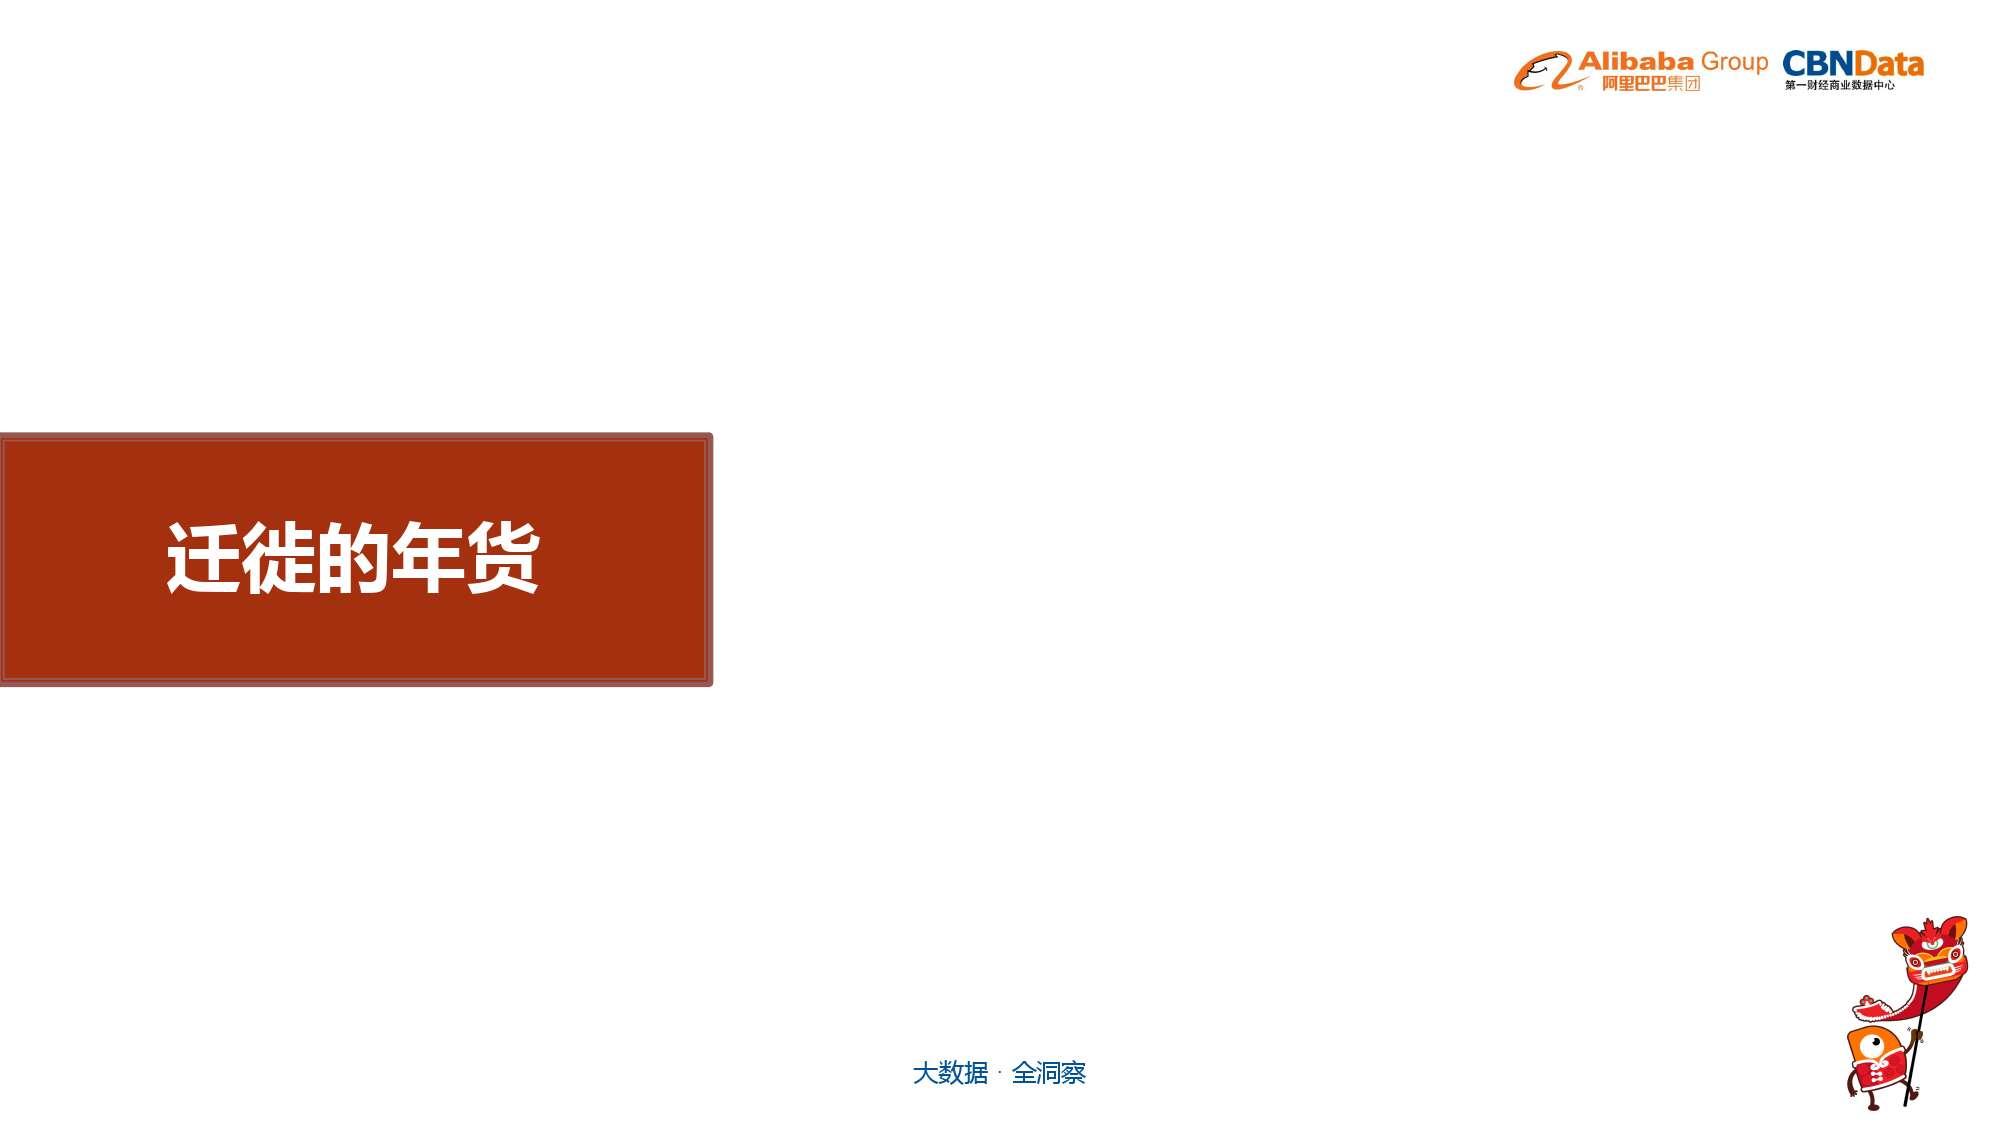 中国年货大数据报告_000030